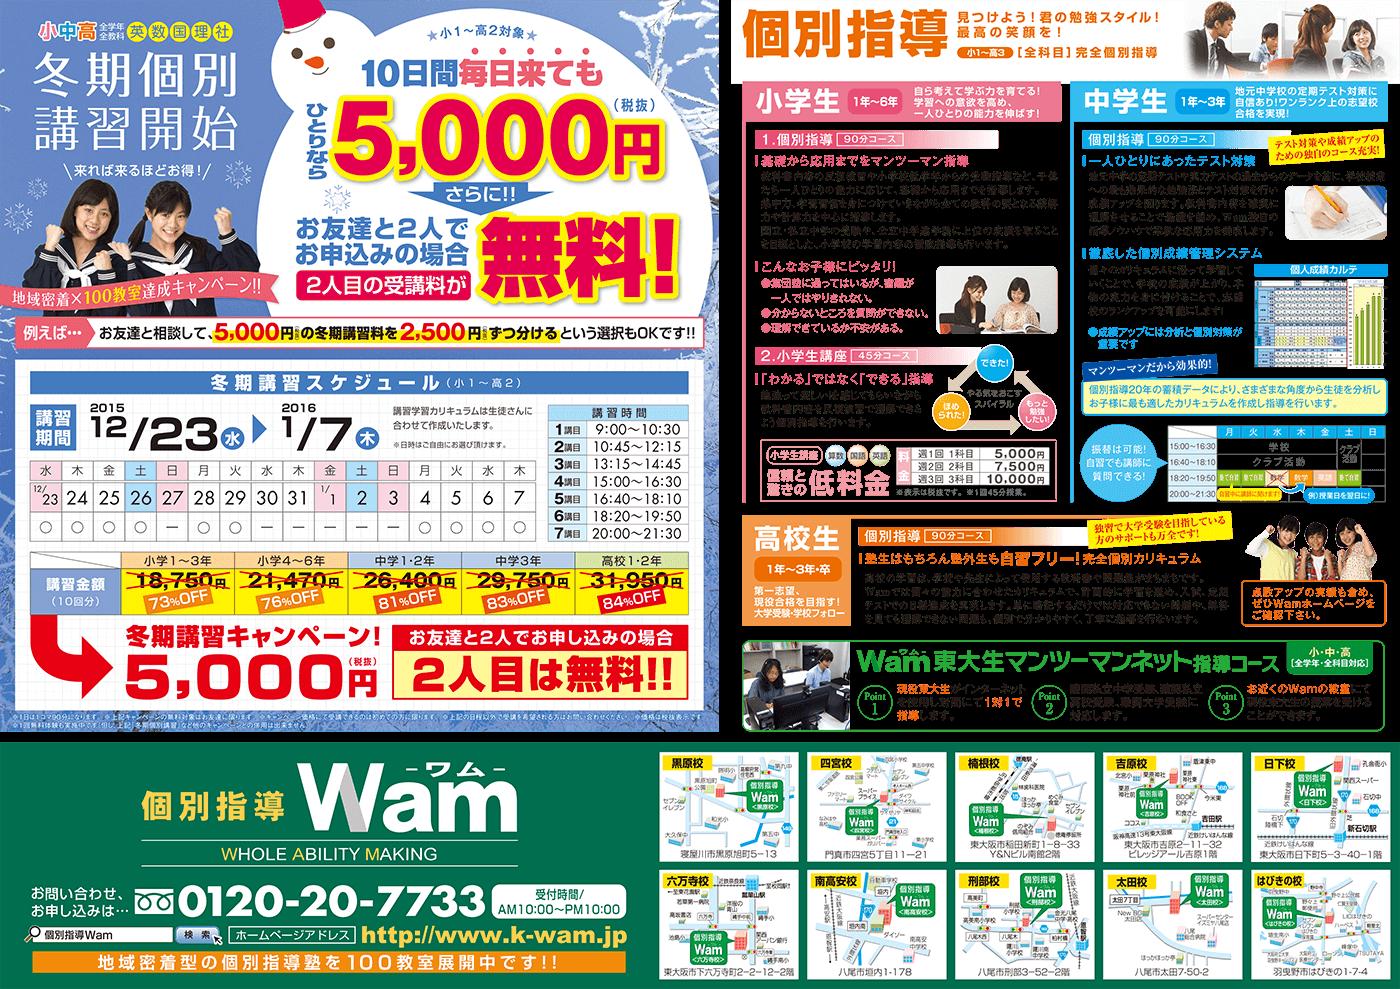 2015年冬期講習 大阪市内・東部大阪・ウラ面